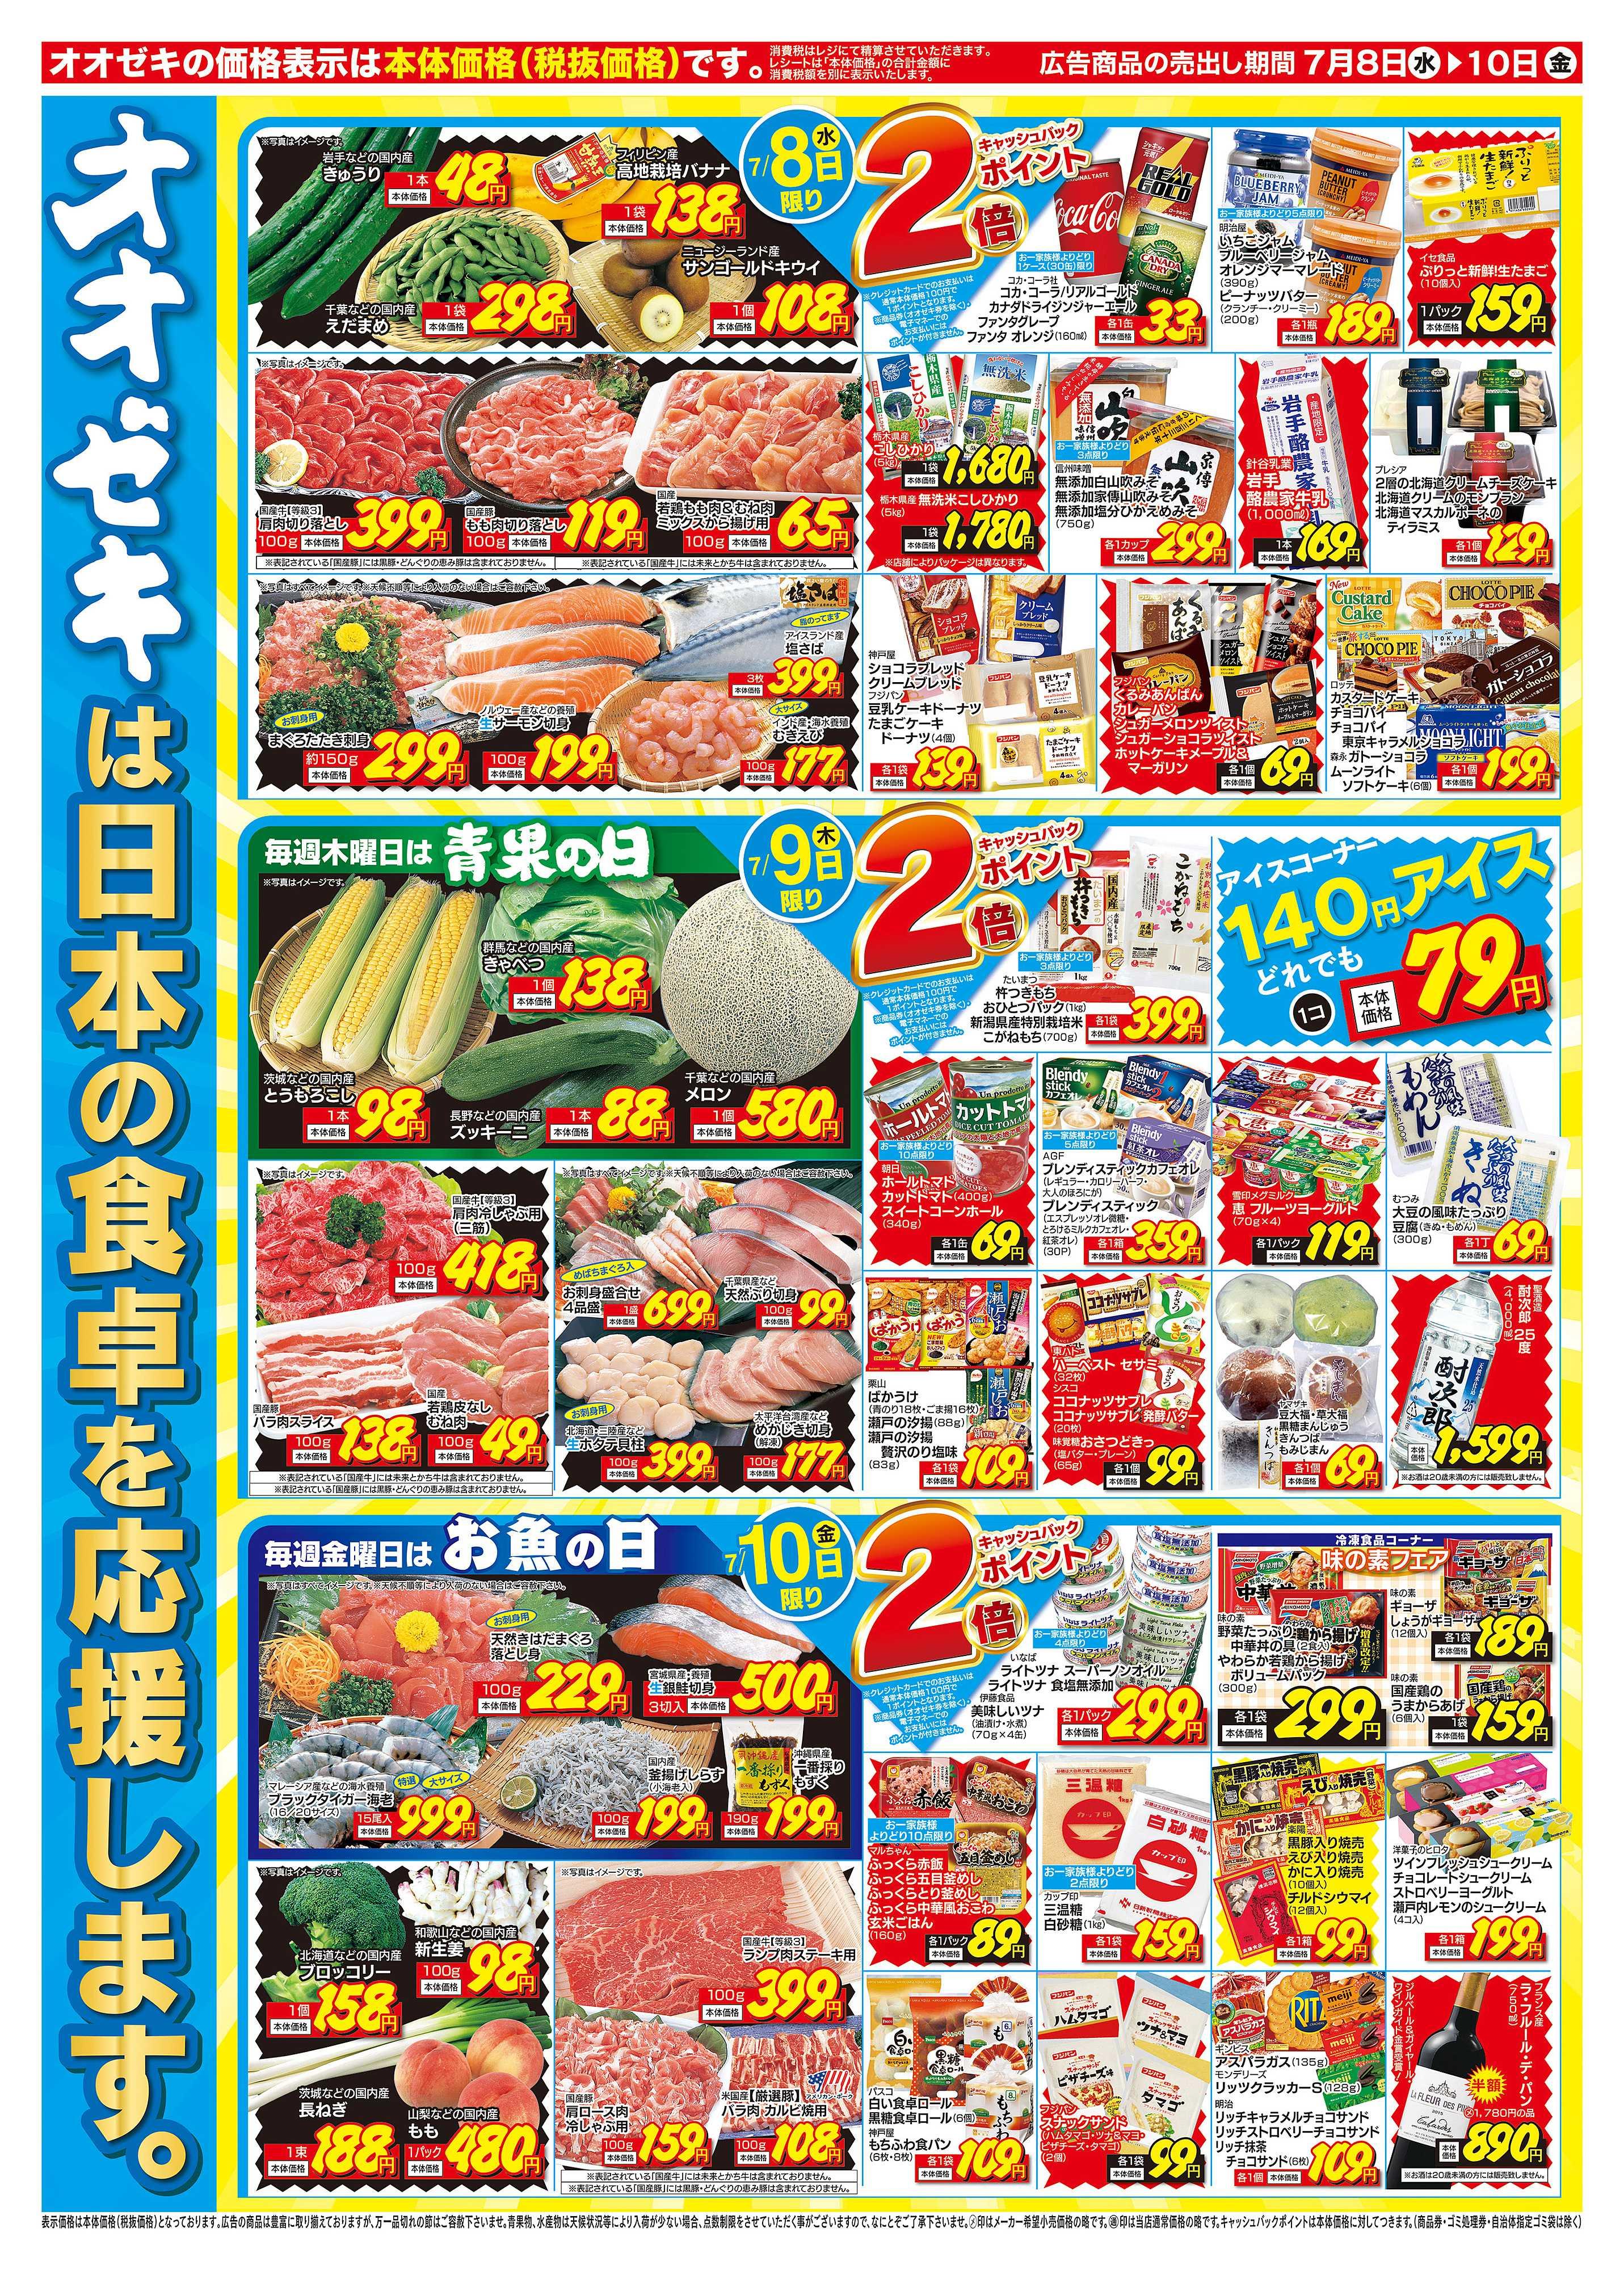 オオゼキ 7/8(水)〜7/10(金)3日間限り